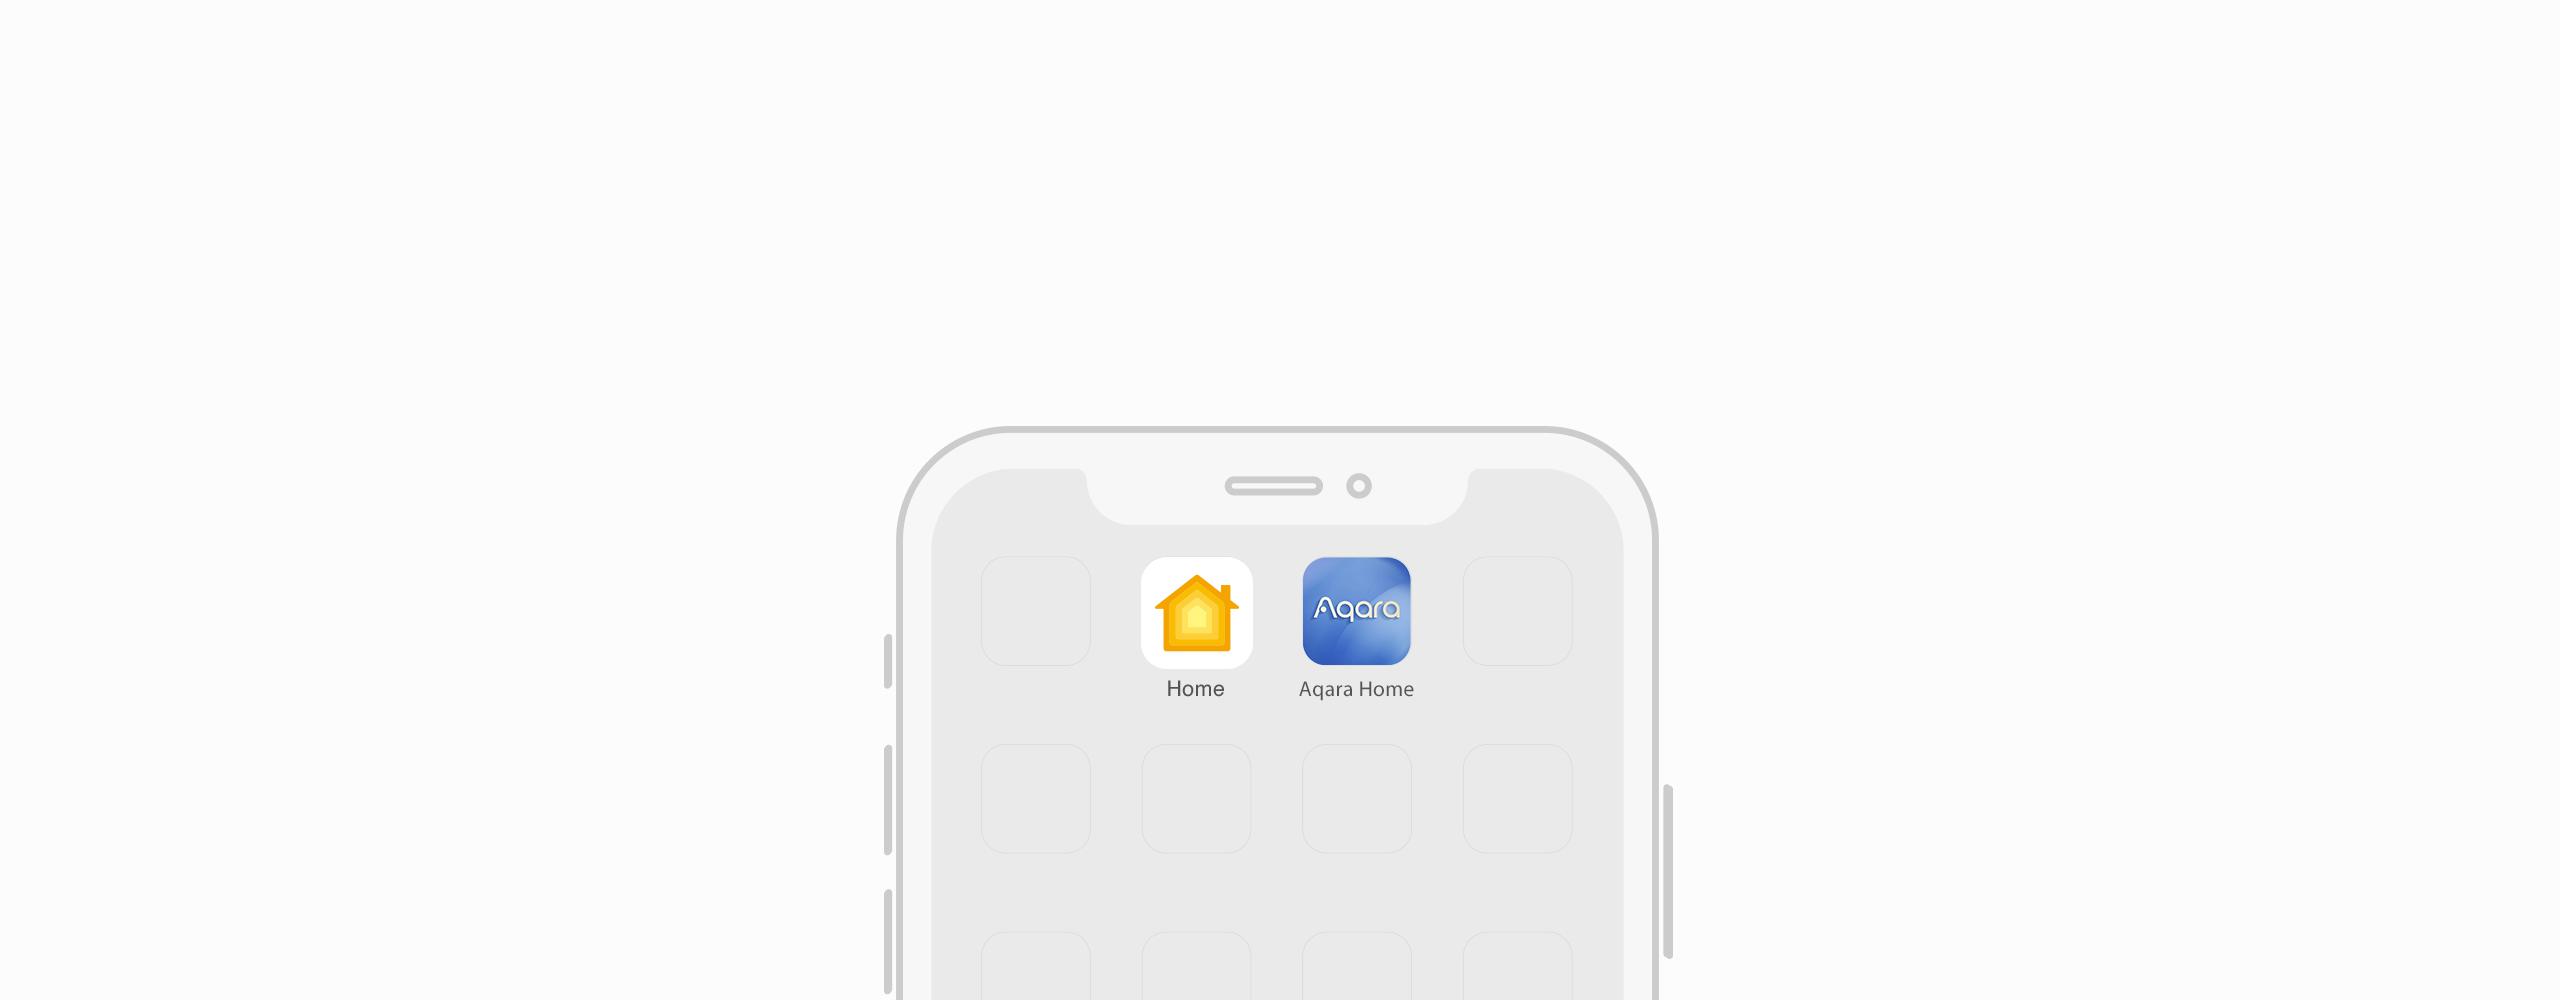 Aqara wireless door window sensor works with Apple HomeKit and Xiaomi Mijia